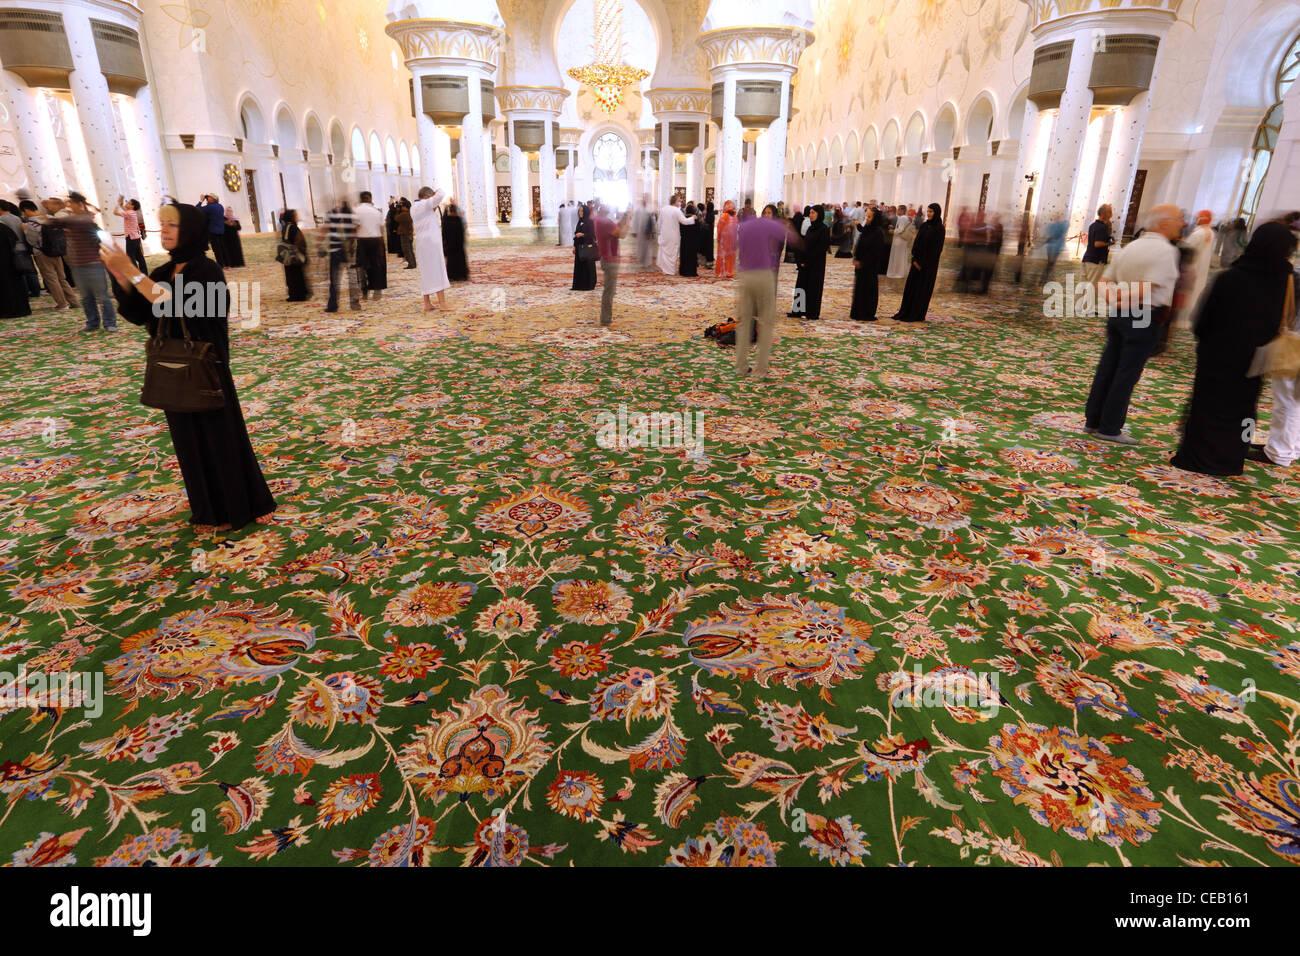 Visitatori all'interno della Moschea Sheikh Zayed di Abu Dhabi, Emirati Arabi Uniti Immagini Stock